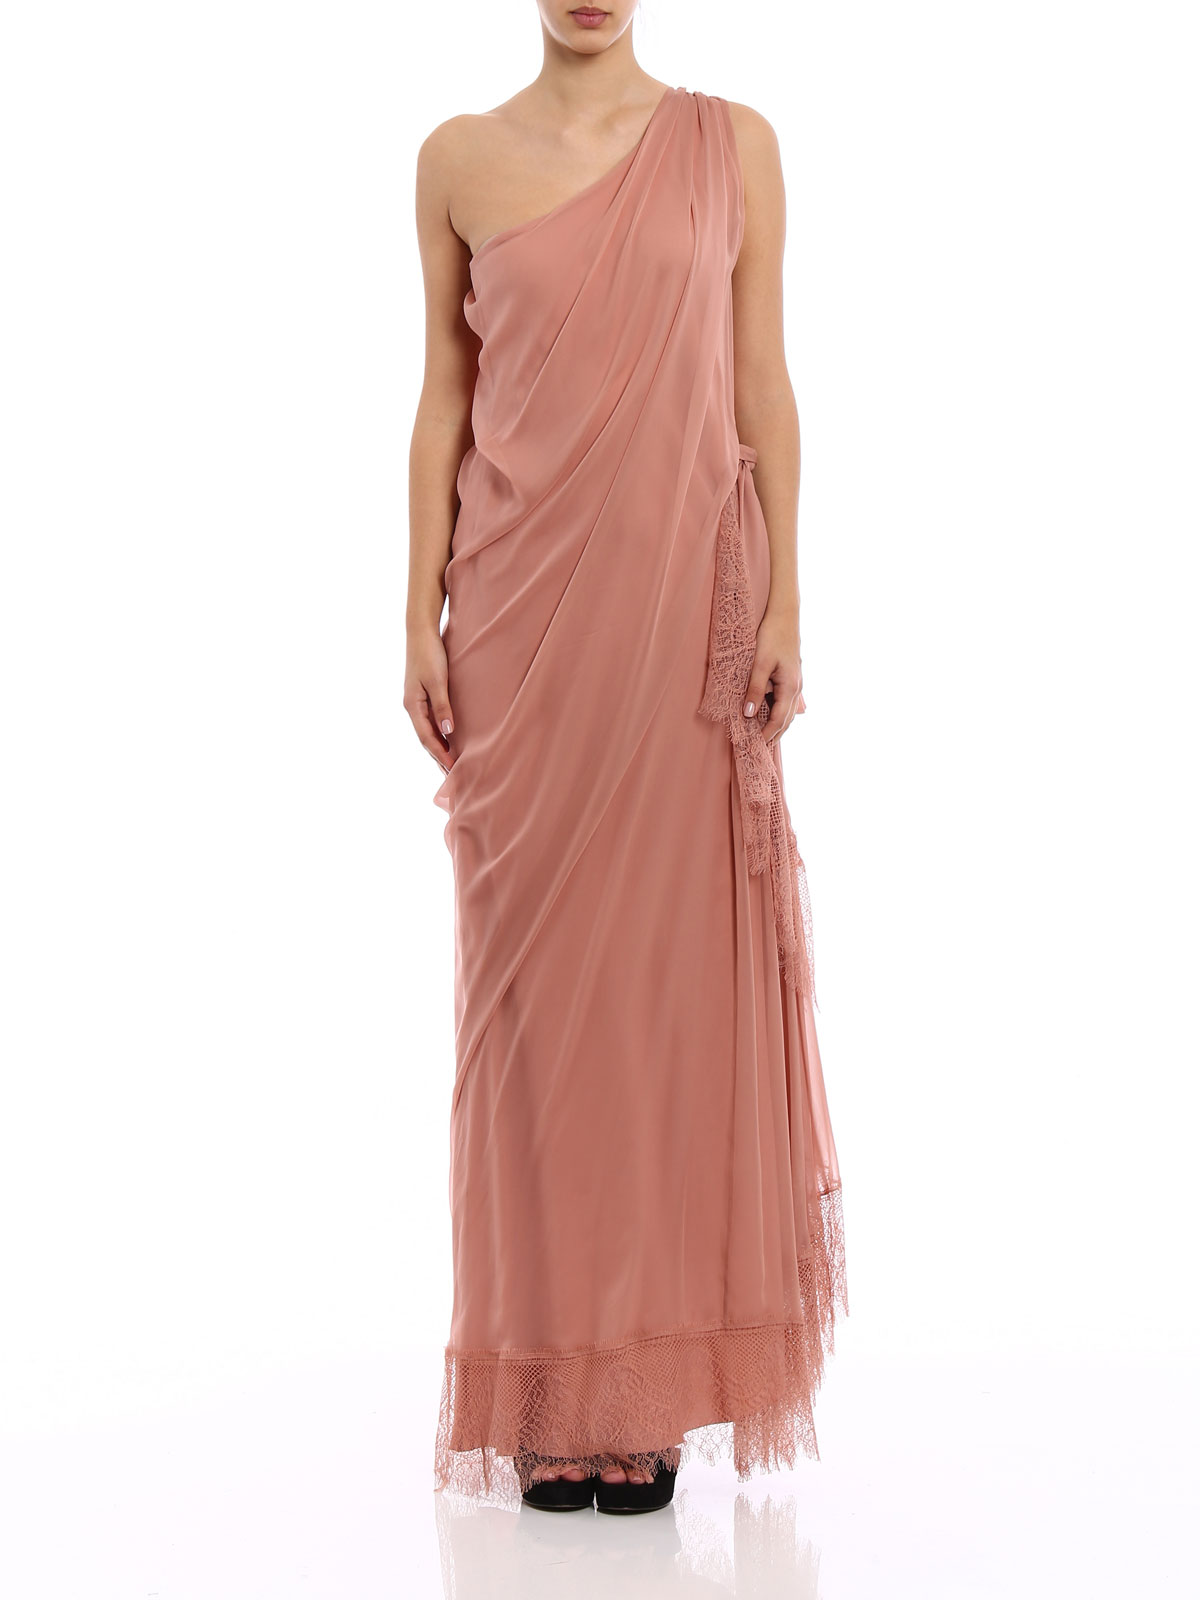 360a17ab867 iKRIX ALBERTA FERRETTI: evening dresses - One shoulder silk draped dress